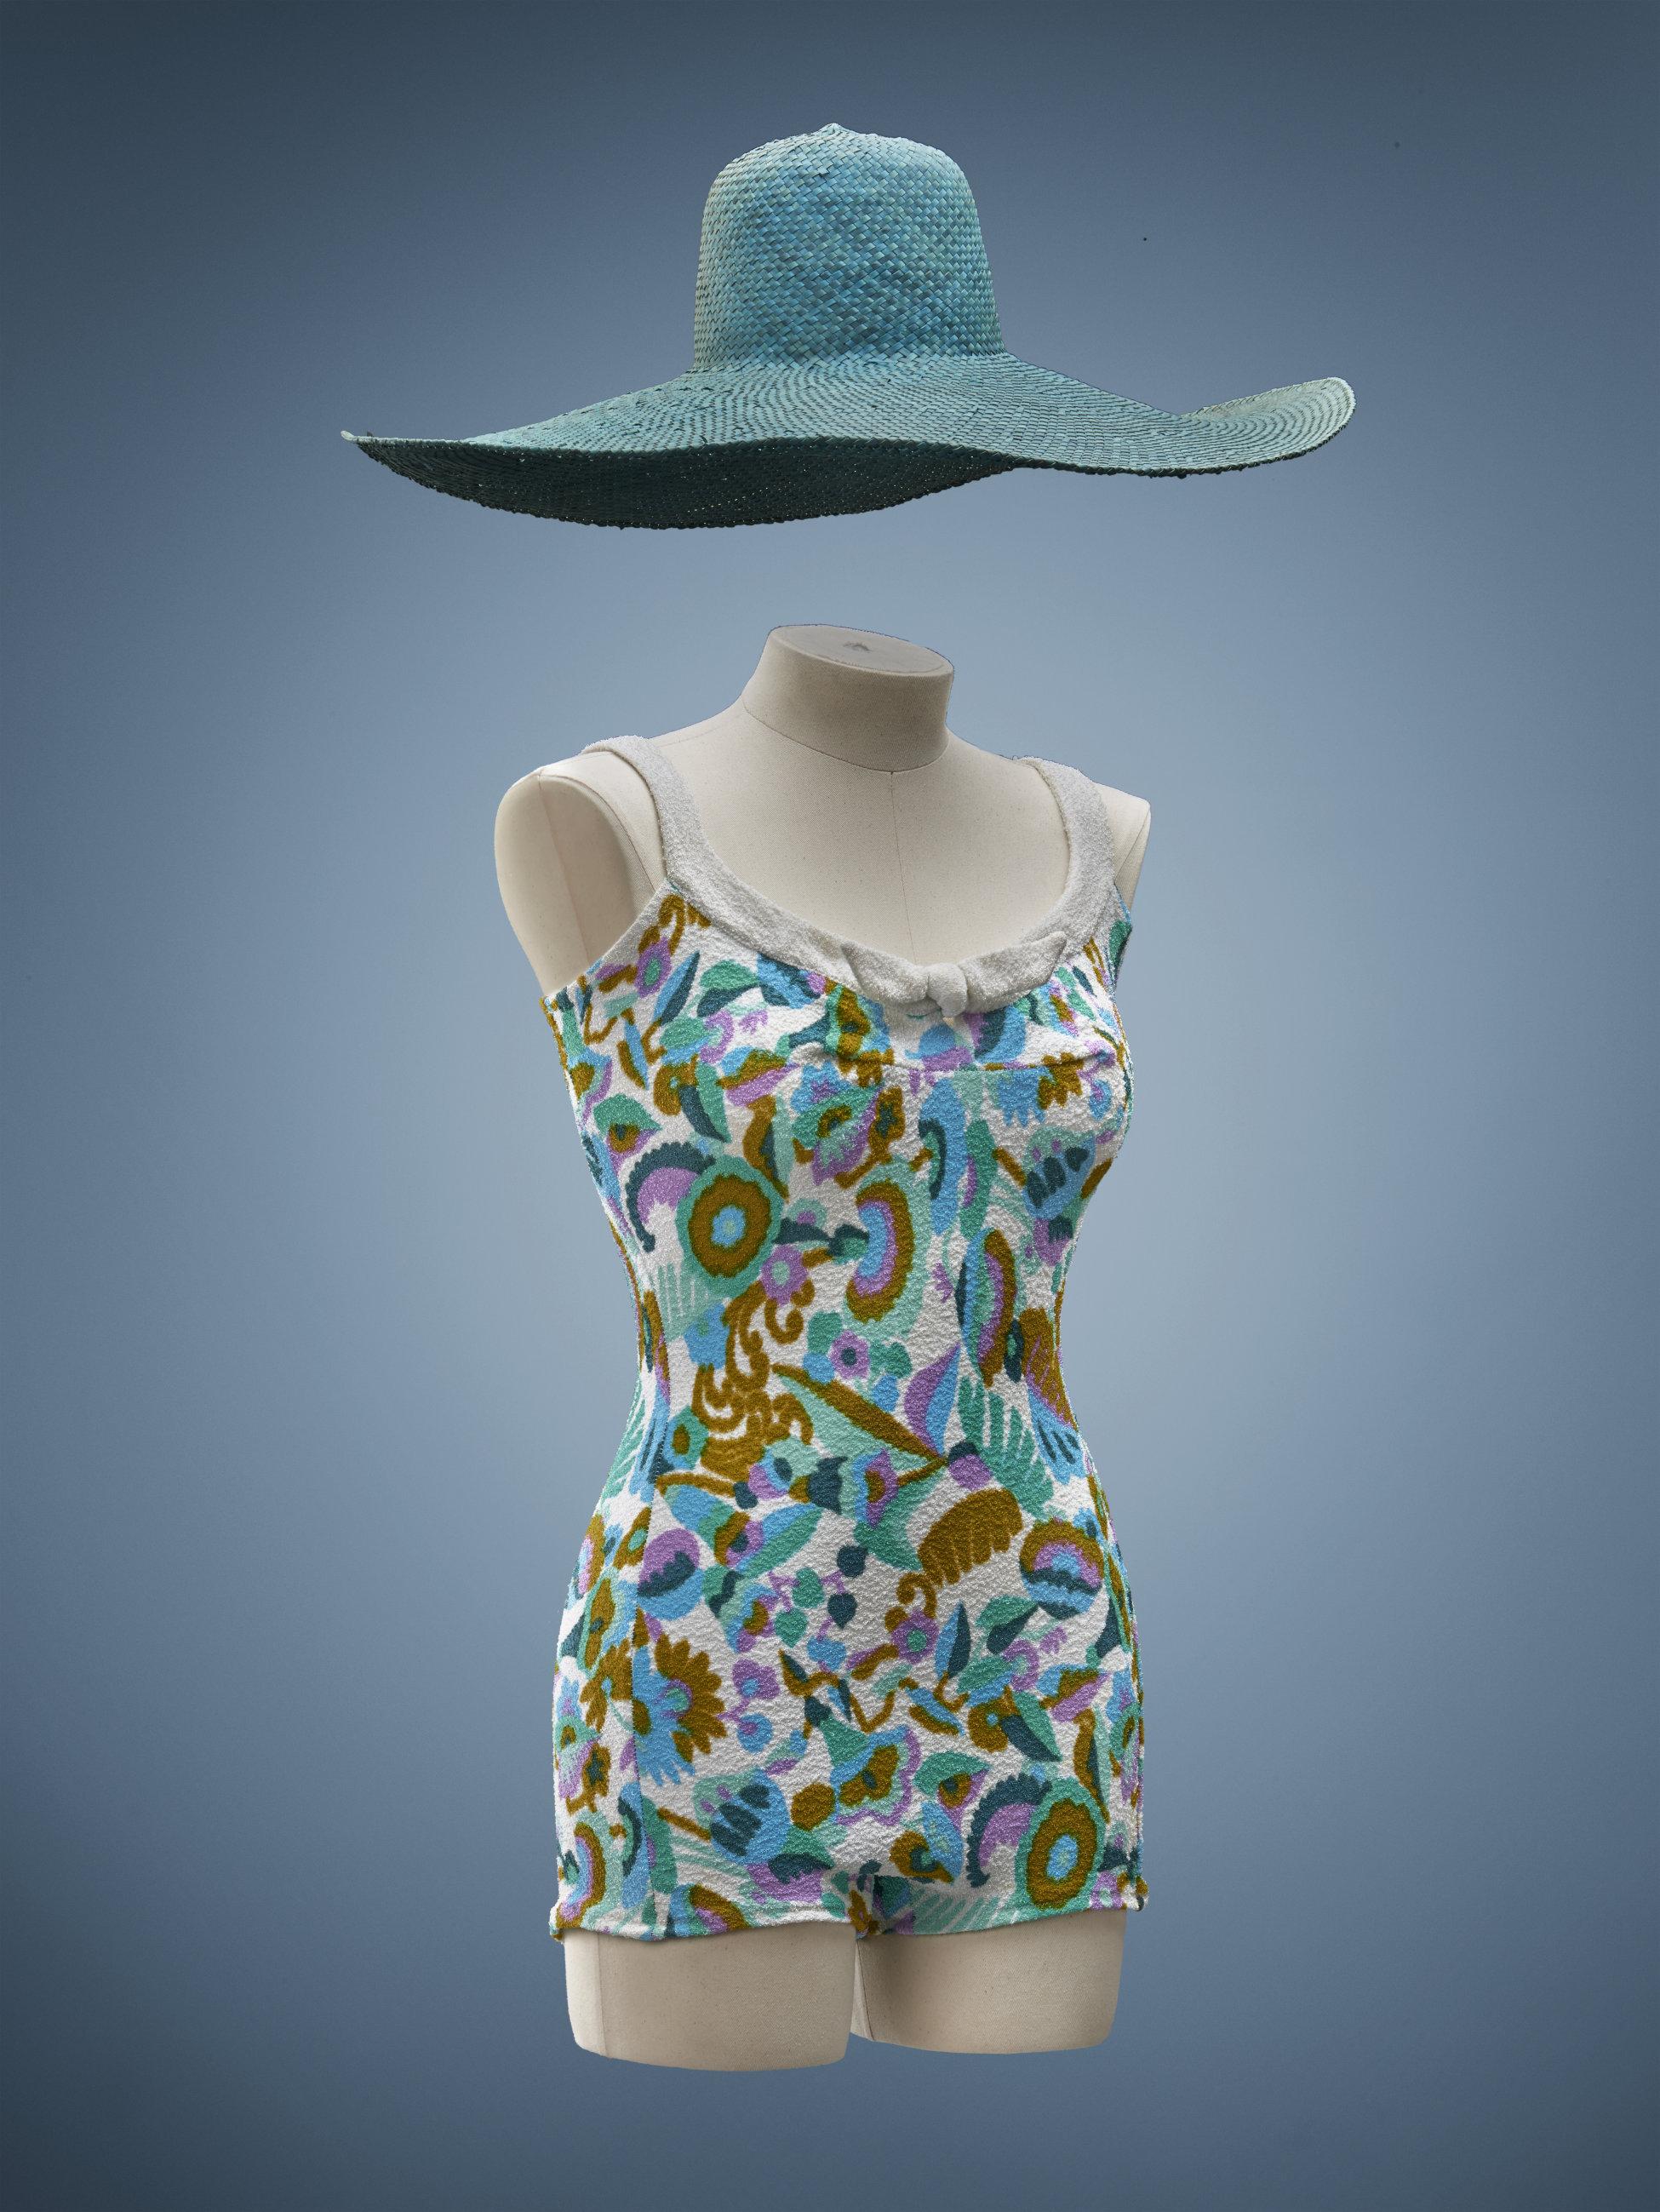 1960s Maillot de bain en éponge - La compagnie du costume